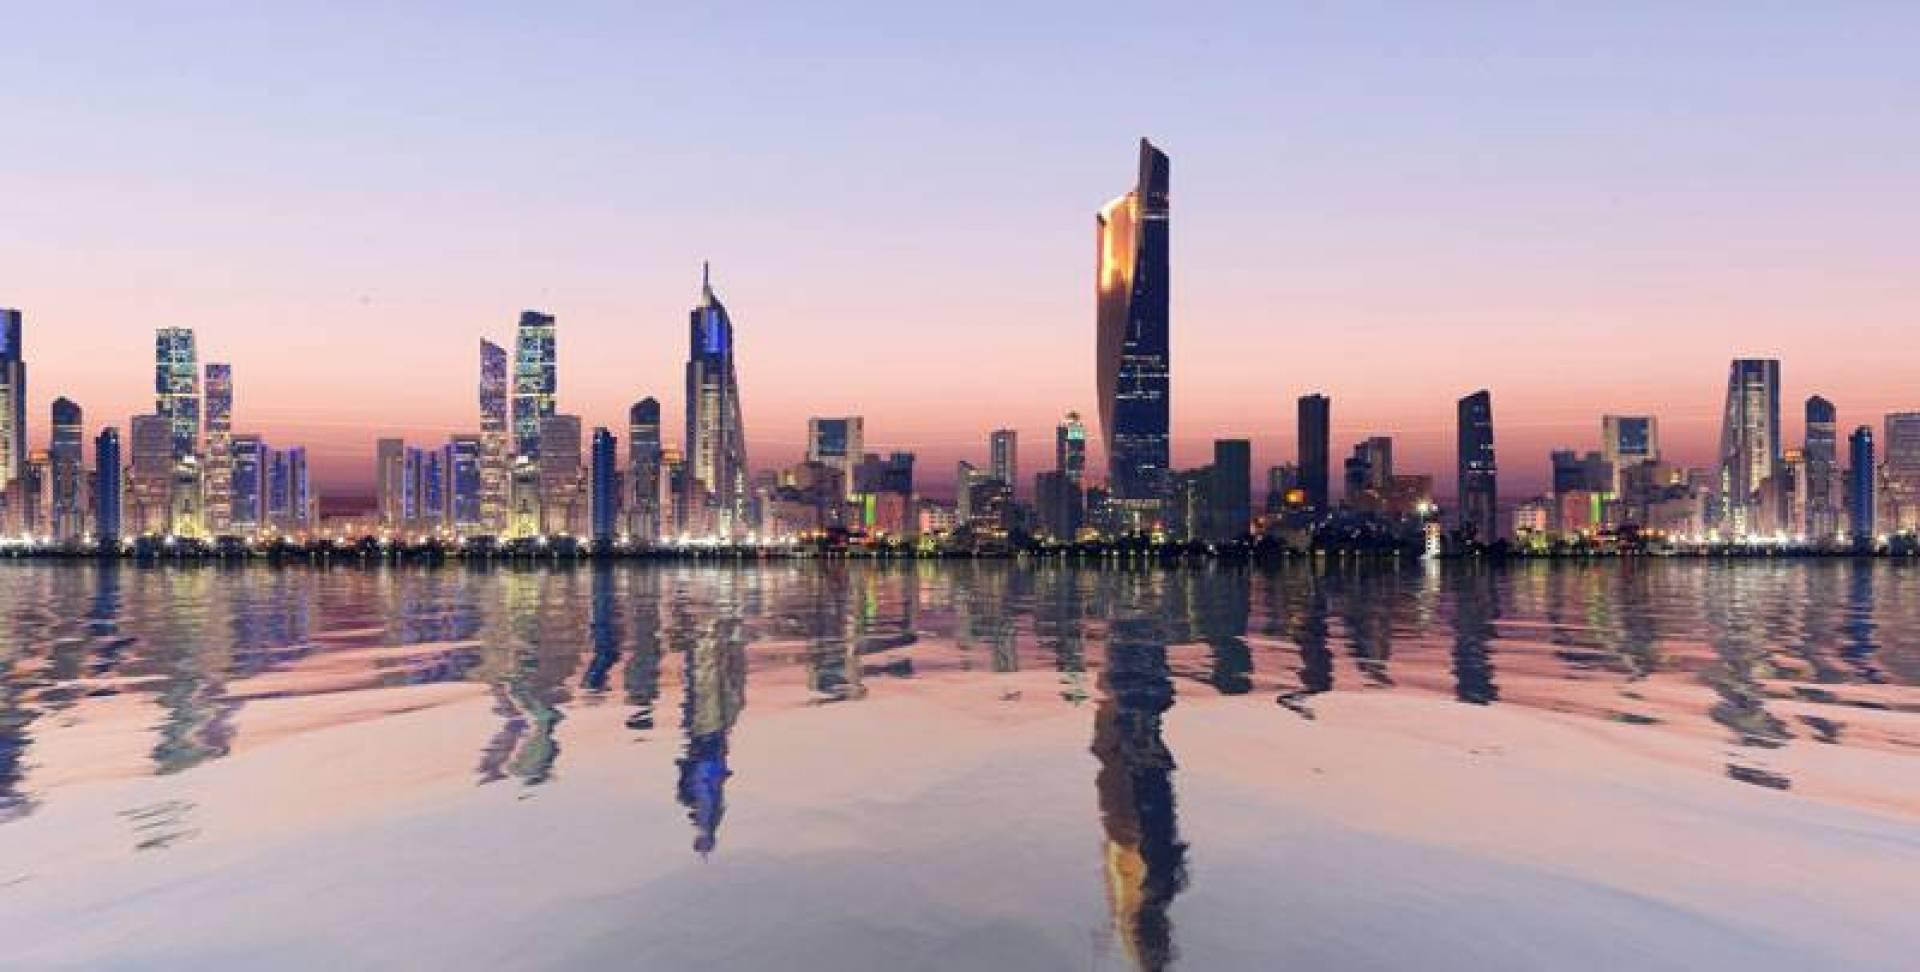 «ميد»: الكويت الثالثة خليجياً في مؤشر التعافي الاقتصادي